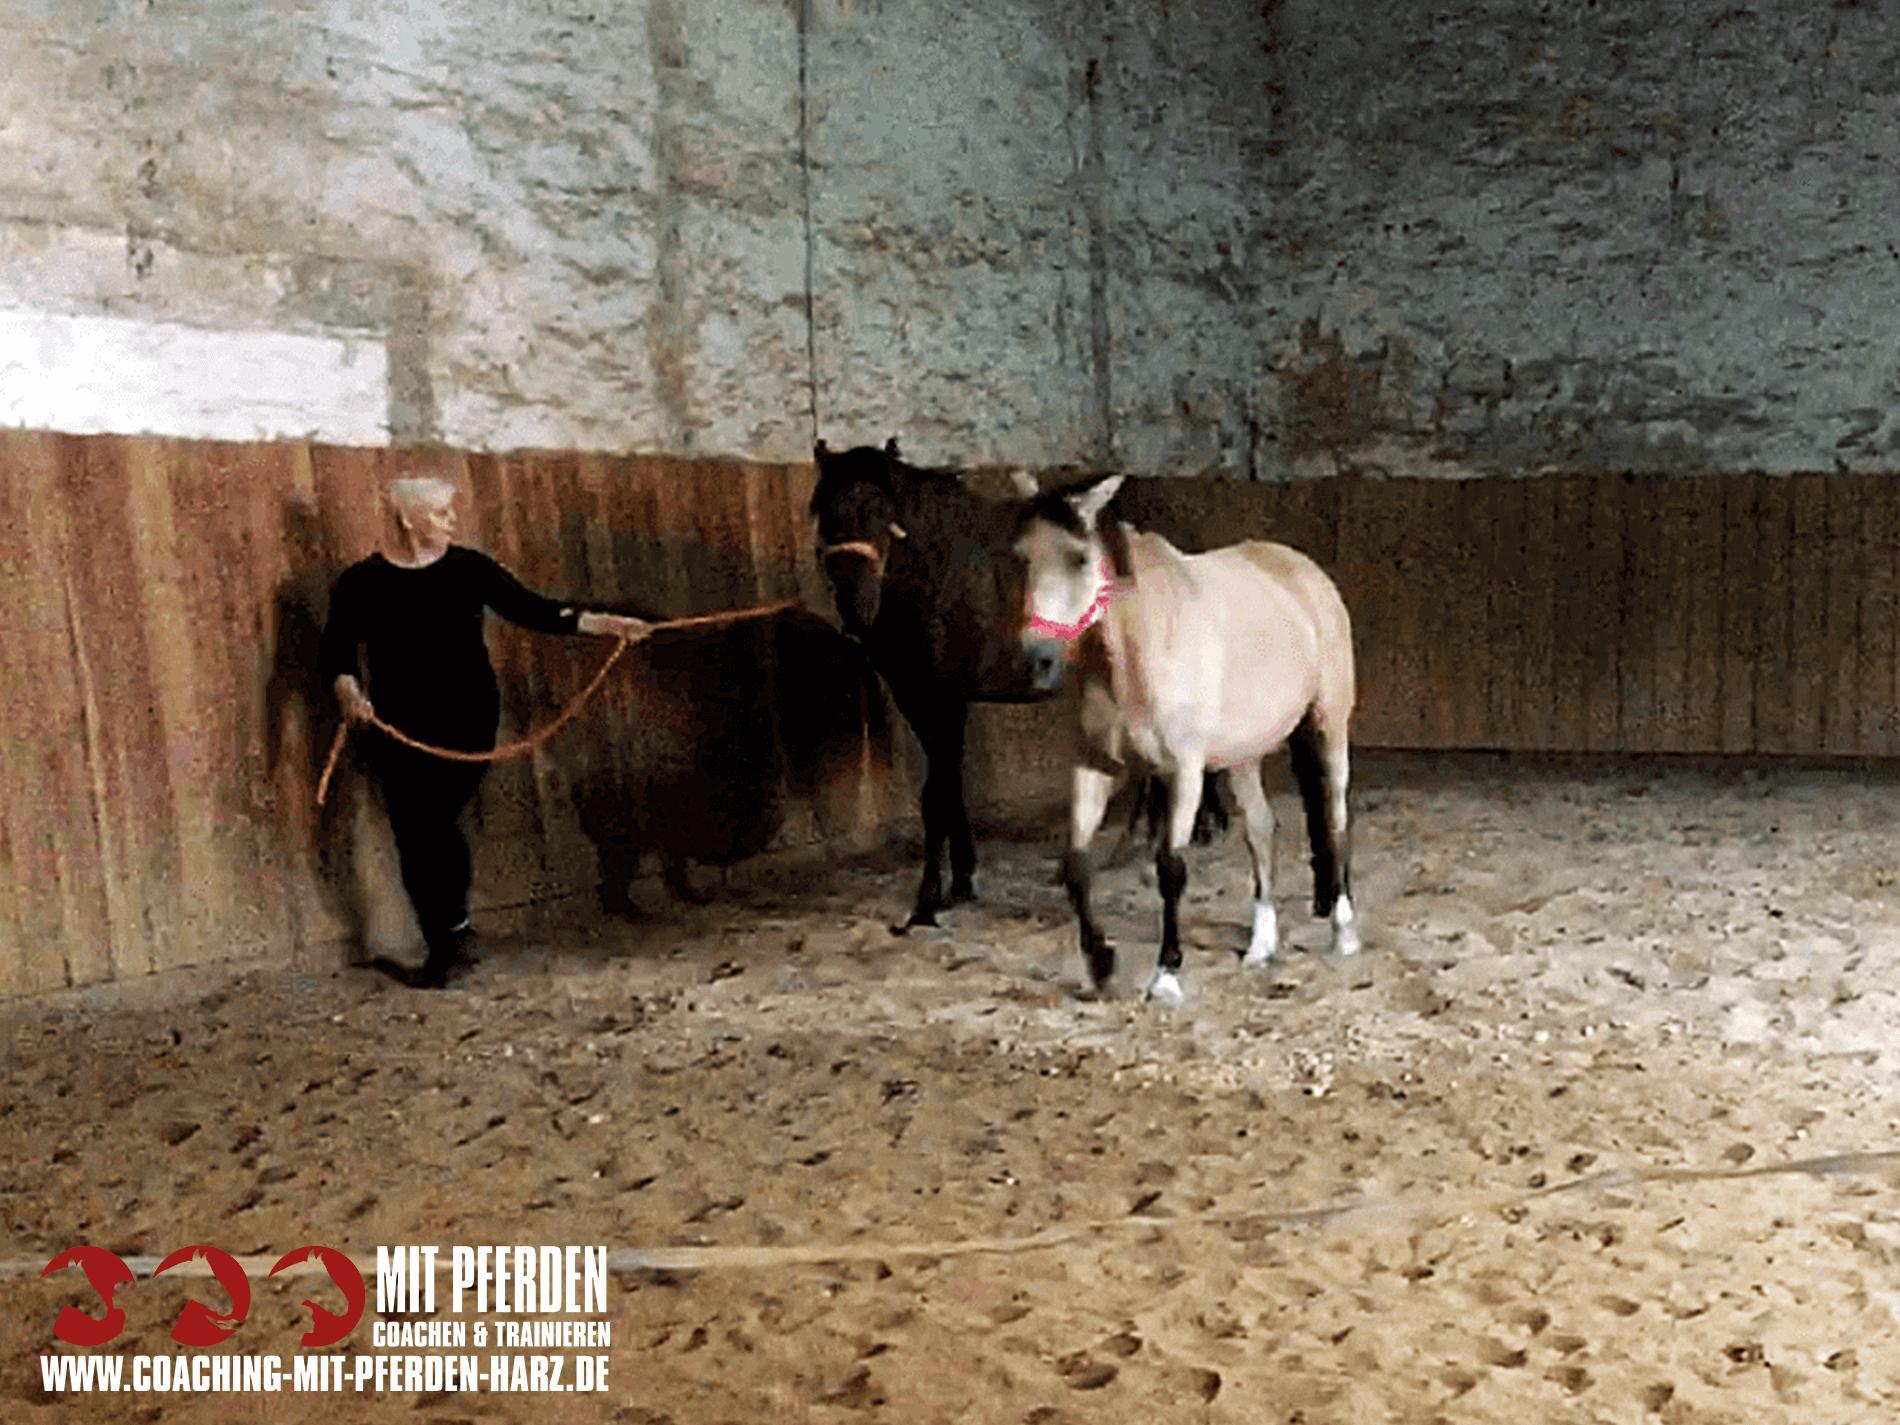 erfolgreich kommunizieren | Coaching mit Pferden Harz